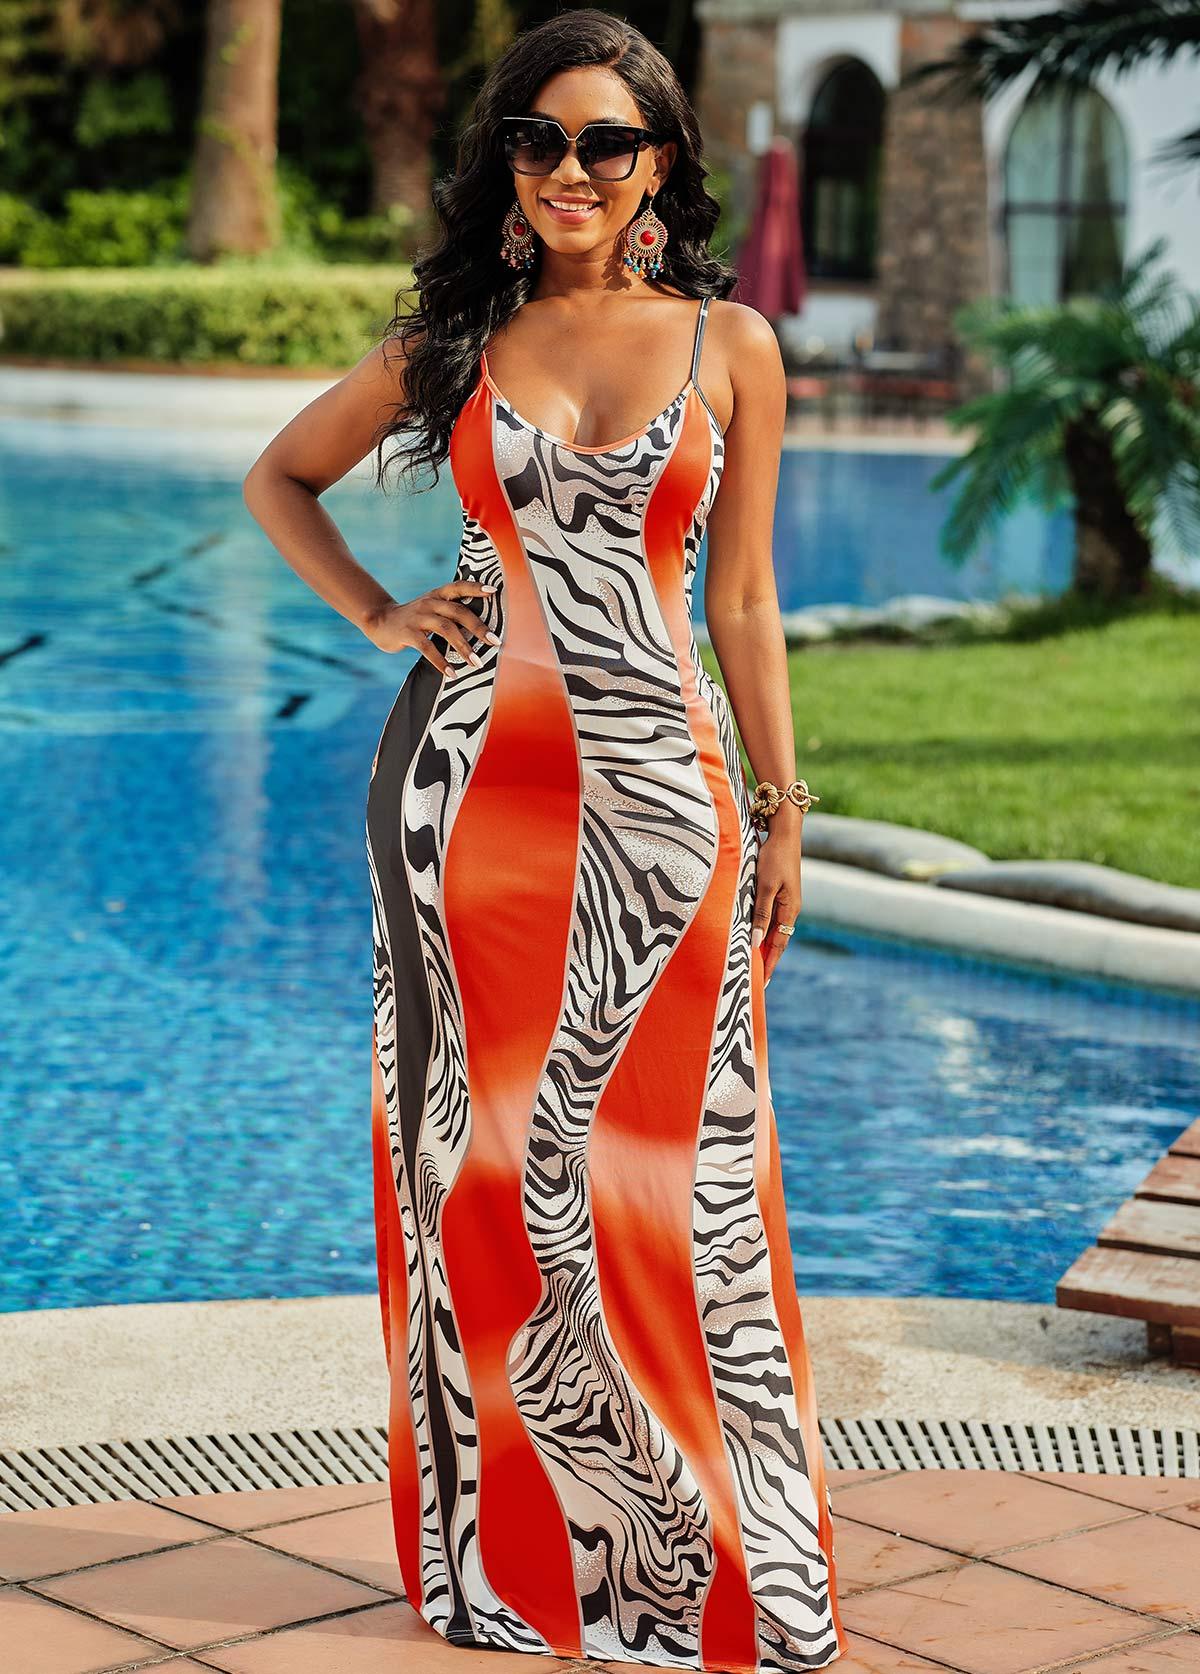 Zebra Print Pocket Spaghetti Strap Dress